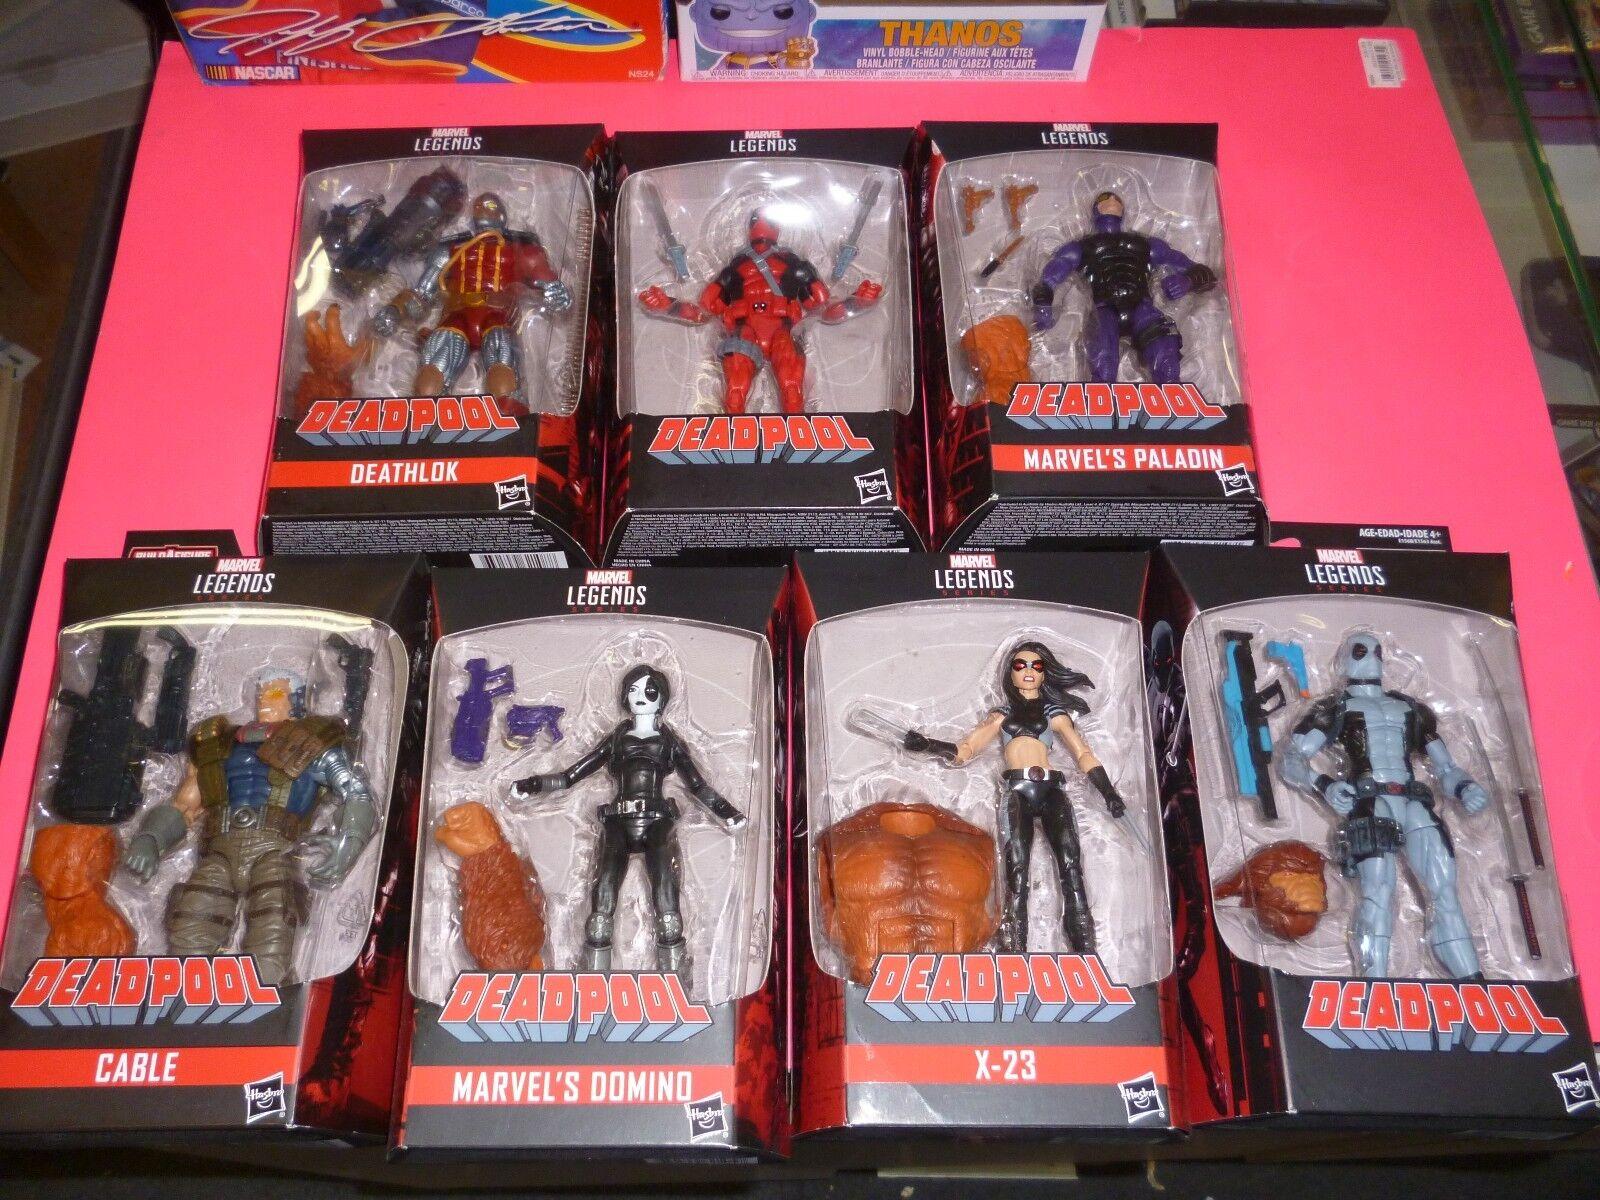 Marvel Marvel Marvel Legends DEADPOOL Wave BAF SASQUATCH Set of 7 6 Figures CABLE Domino X23 ea04c1